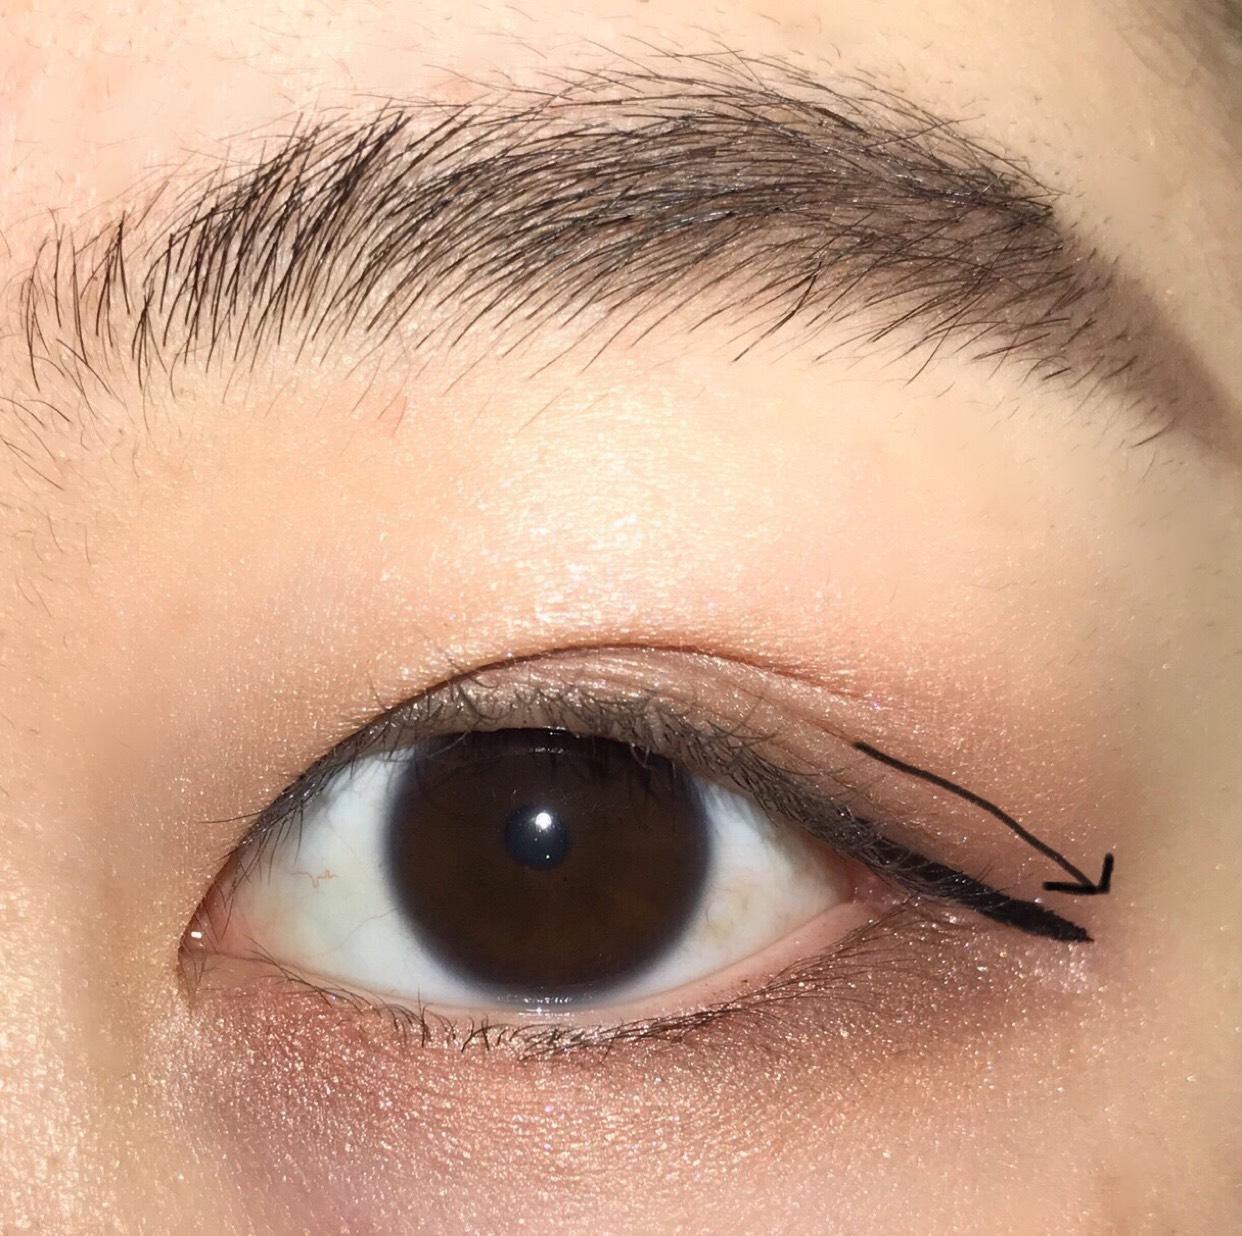 次はアイラインです♪ アイラインはブラックのカラーで、目の形に沿って少し長めにタレさせます…♡